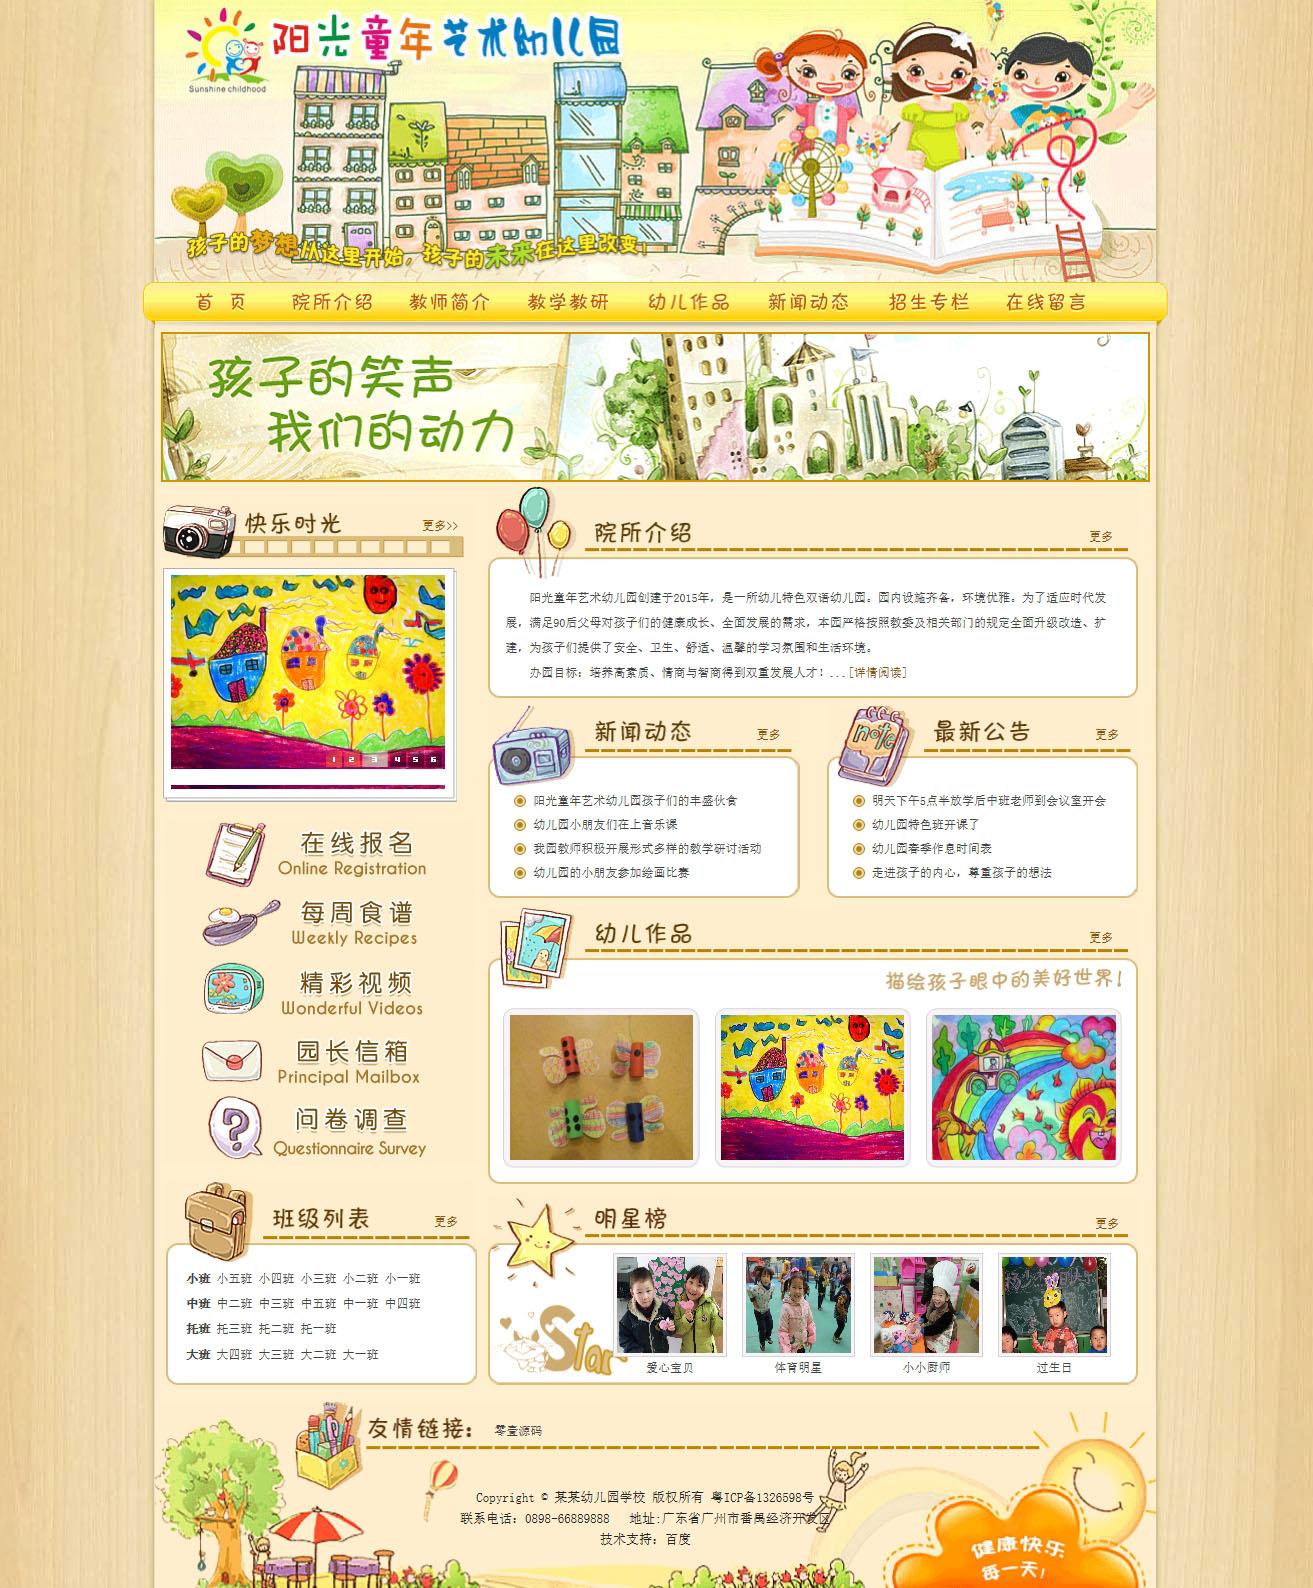 童年艺术幼儿园学校类网站dedecms模板(带手机端)